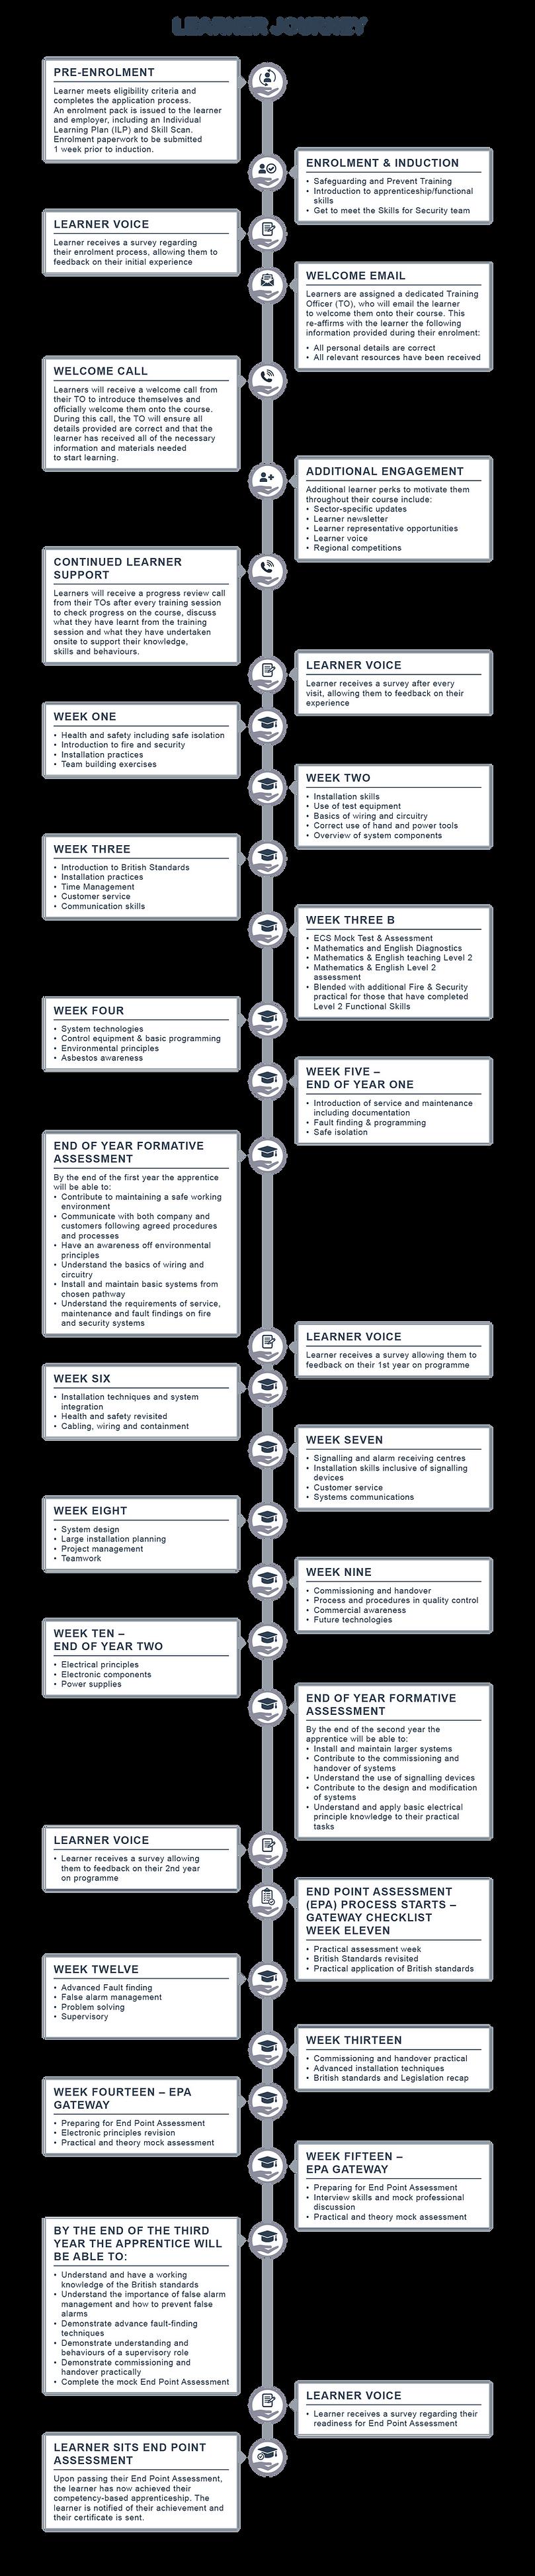 roadmap2.png